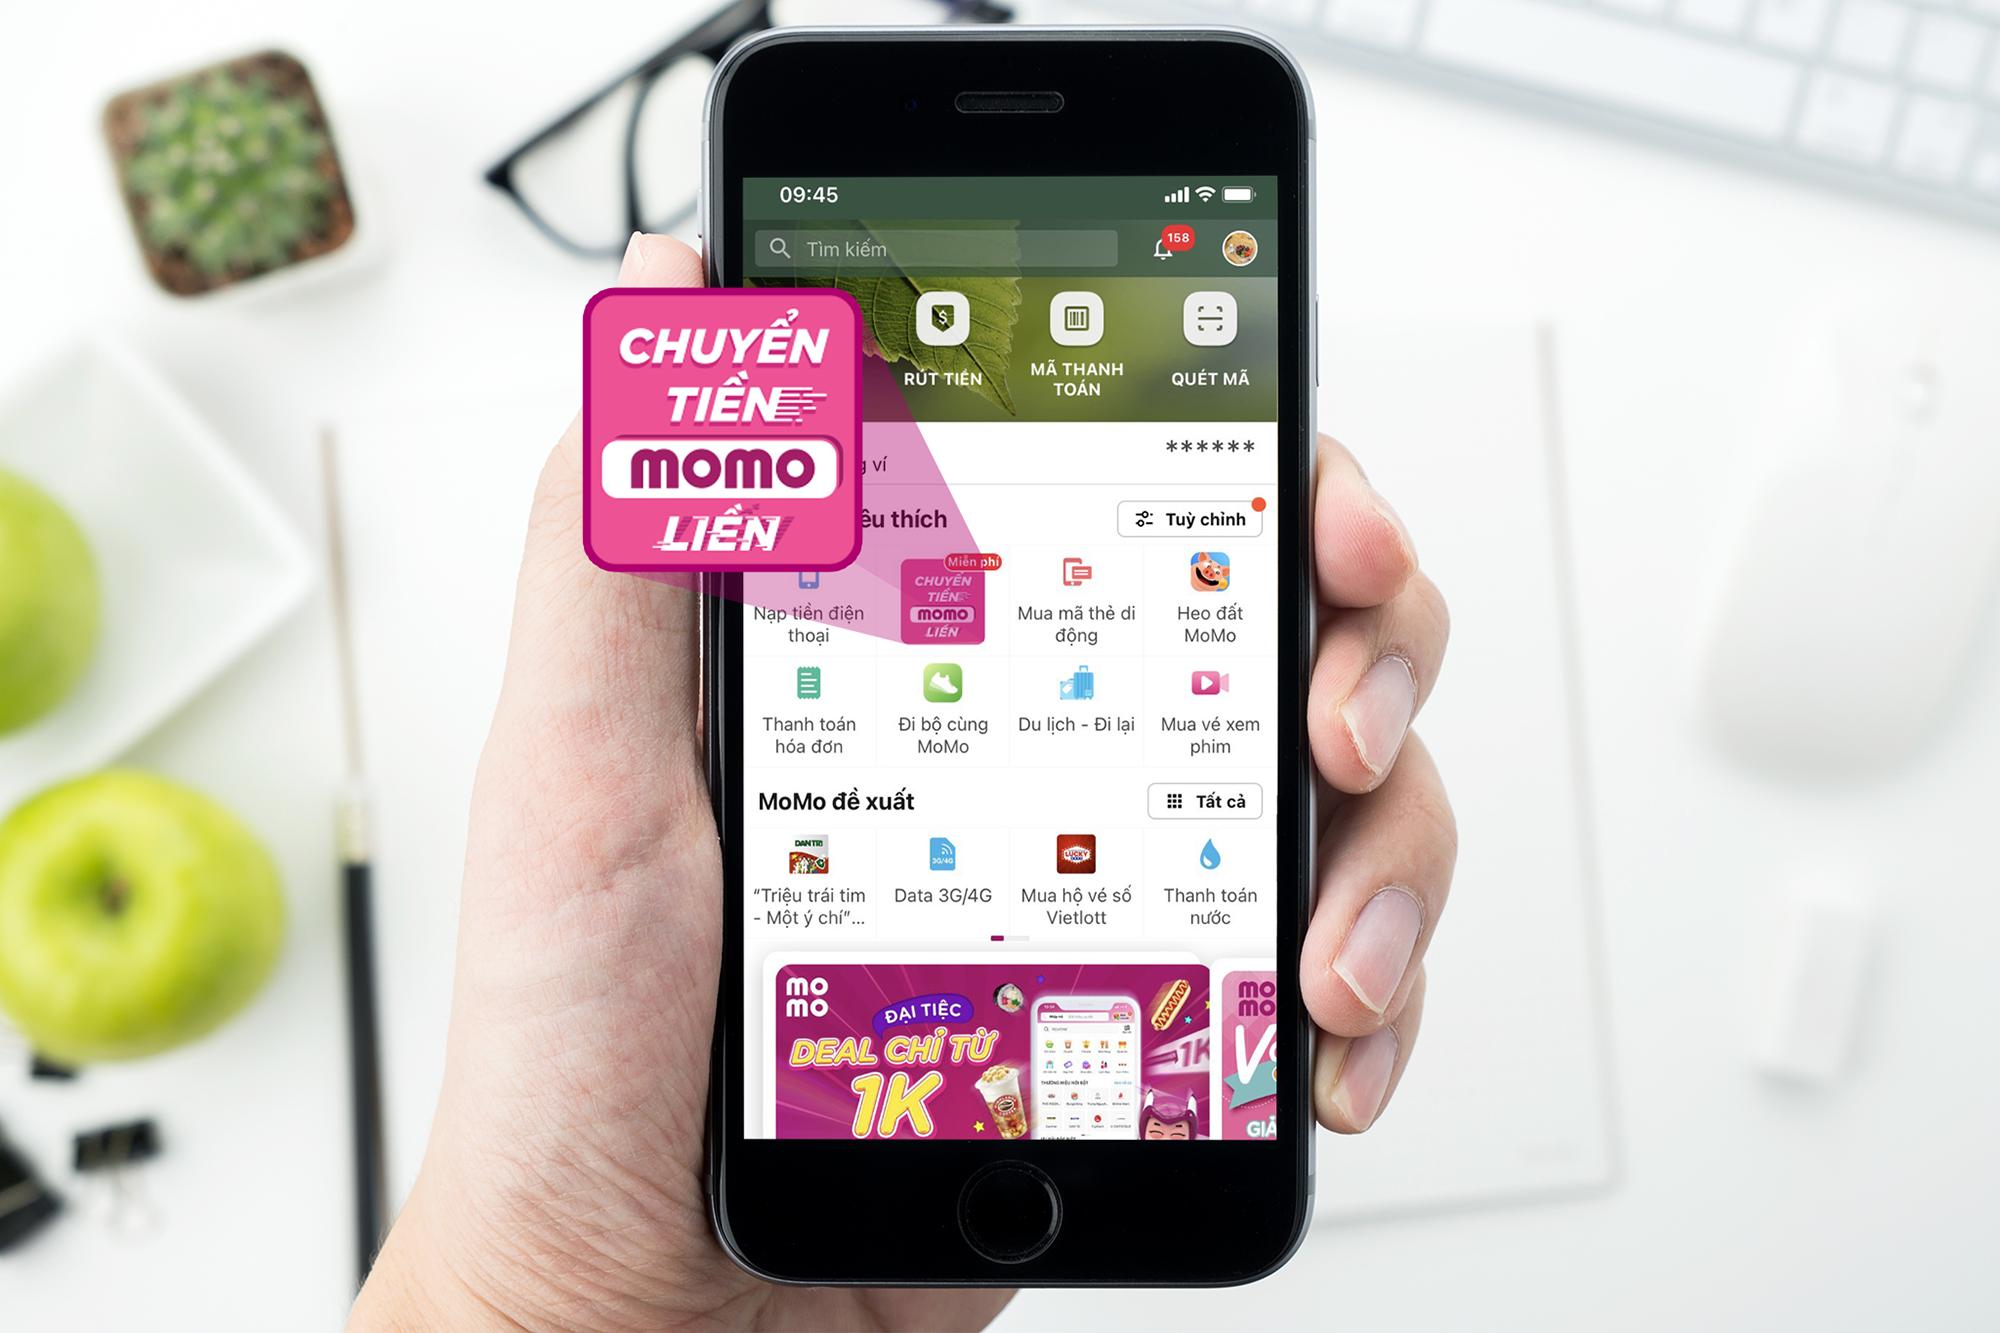 Thông điệp Chuyển tiền - MoMo liền trong tính năng Chuyển tiền của Ví điện tử MoMo. Ảnh: MoMo